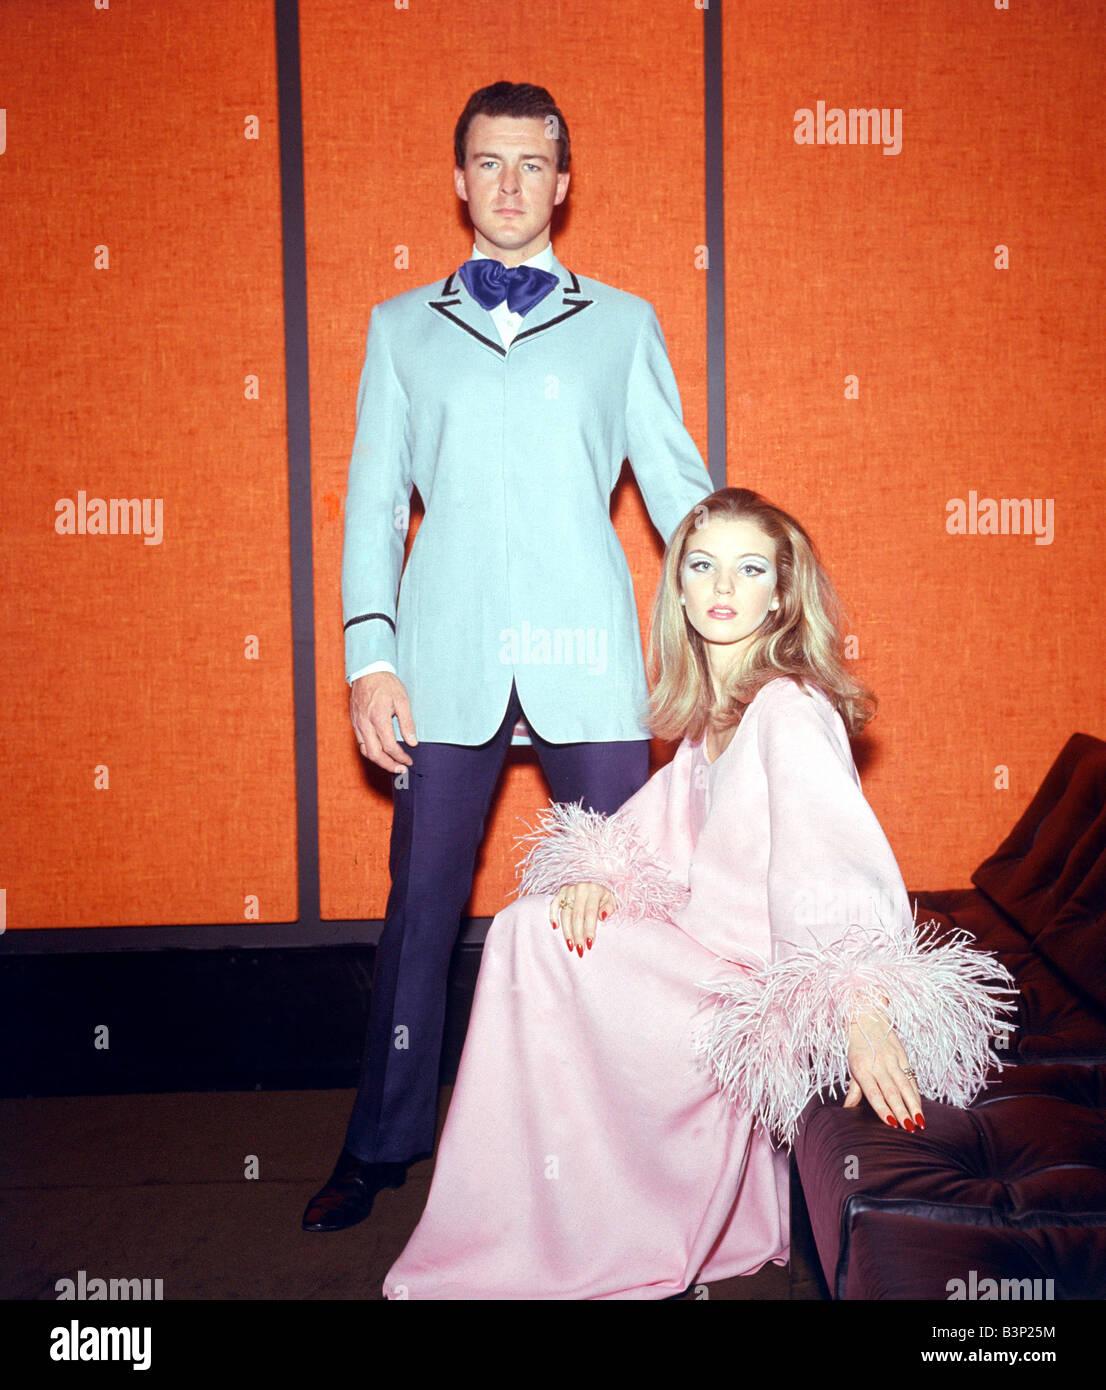 60er Jahre Mode Der 1960er Jahre Kleidung Mann In Babyblau Jacke